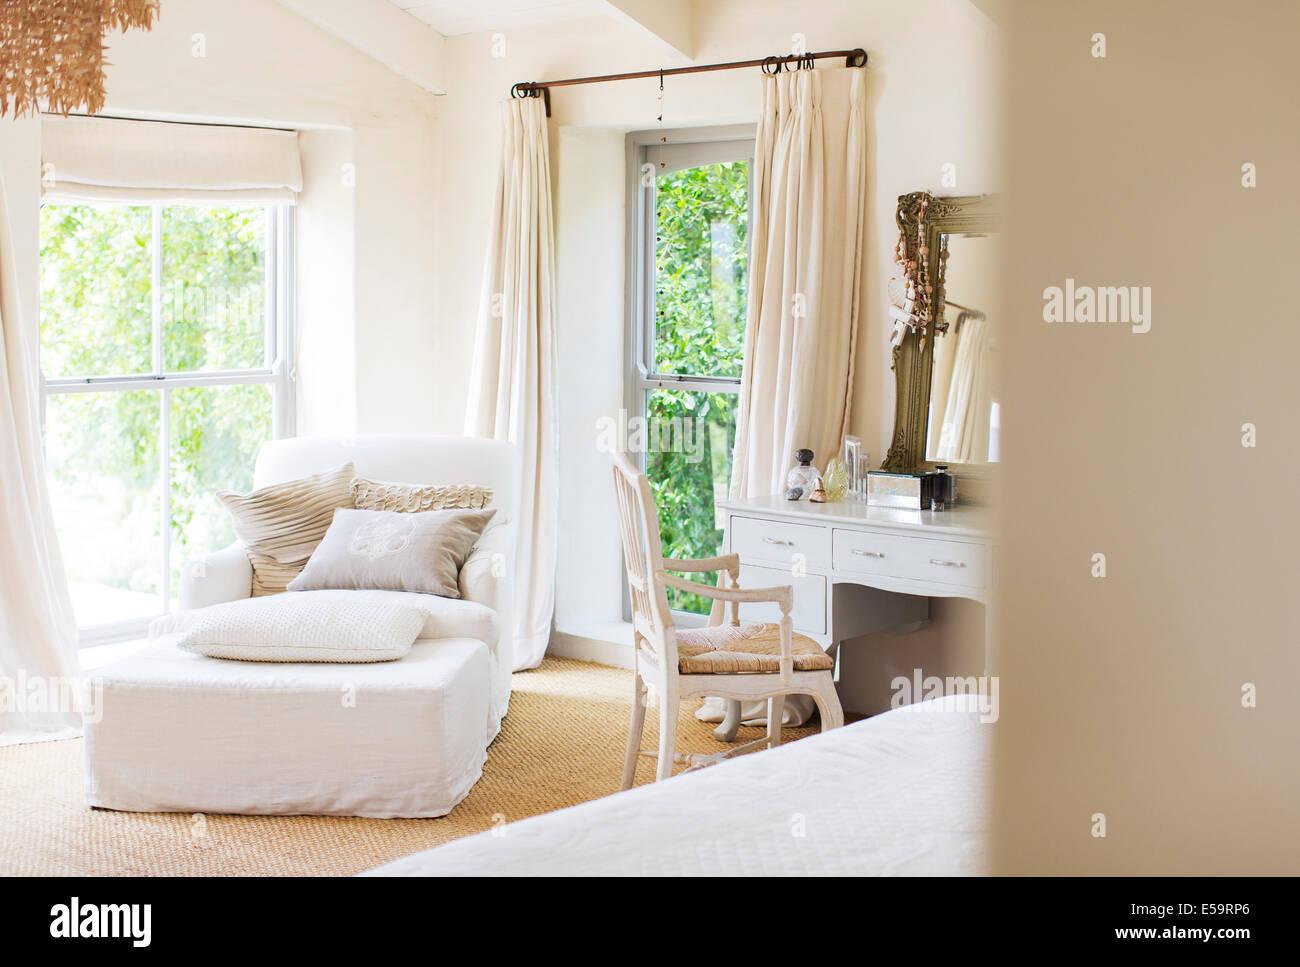 Fauteuil et vanité dans chambre à coucher rustique Photo Stock